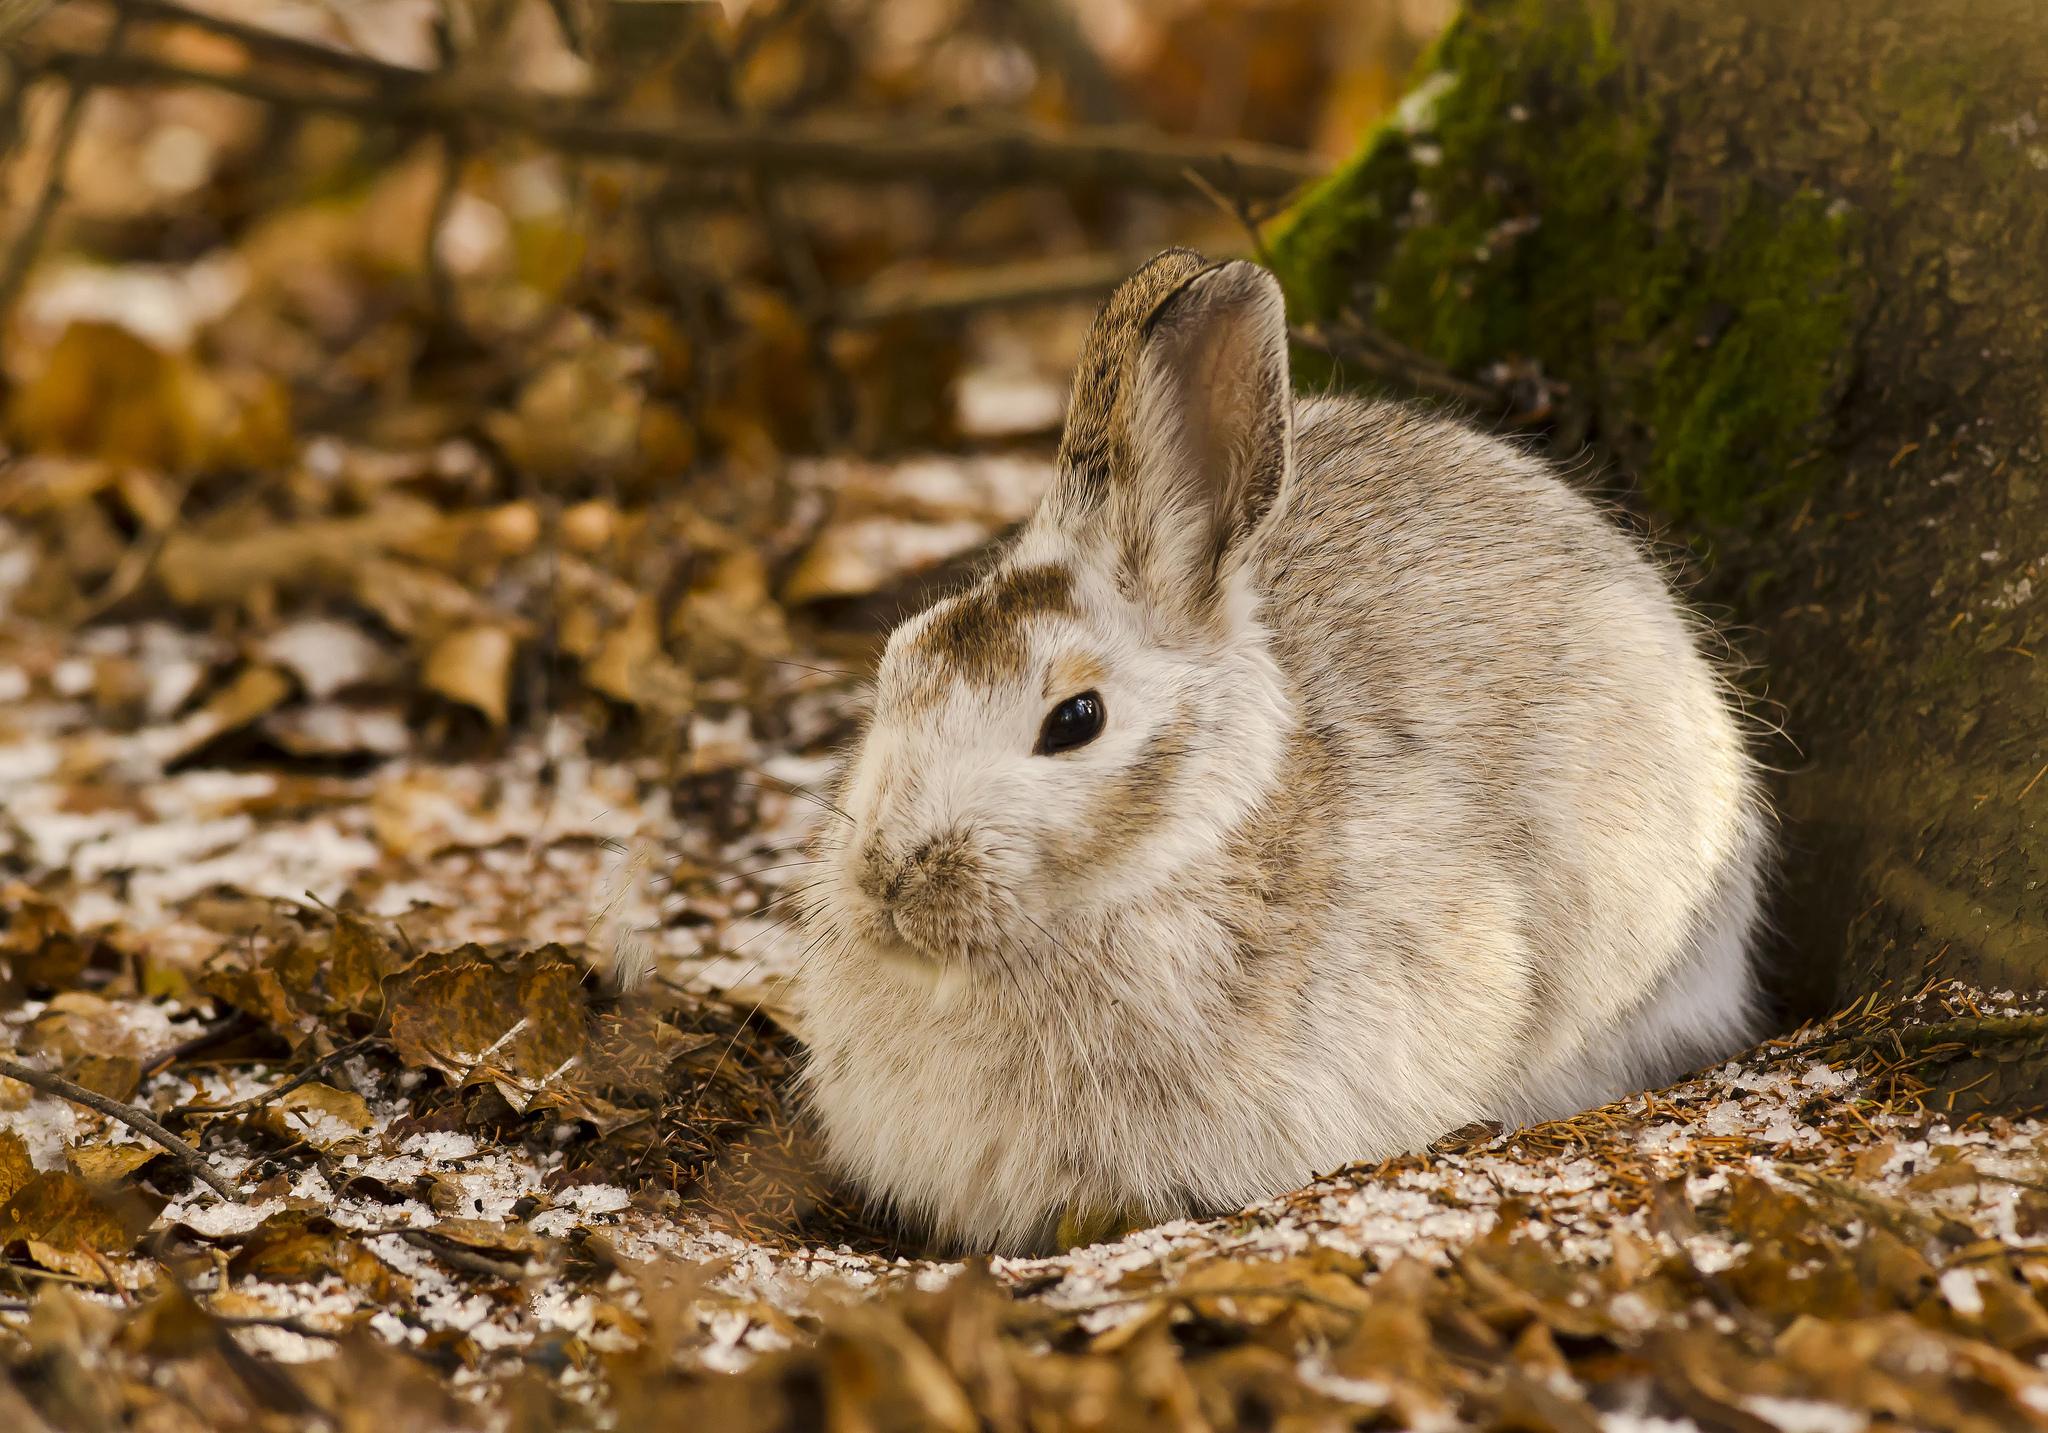 64055 скачать обои Животные, Заяц, Листья, Дерево, Холод - заставки и картинки бесплатно